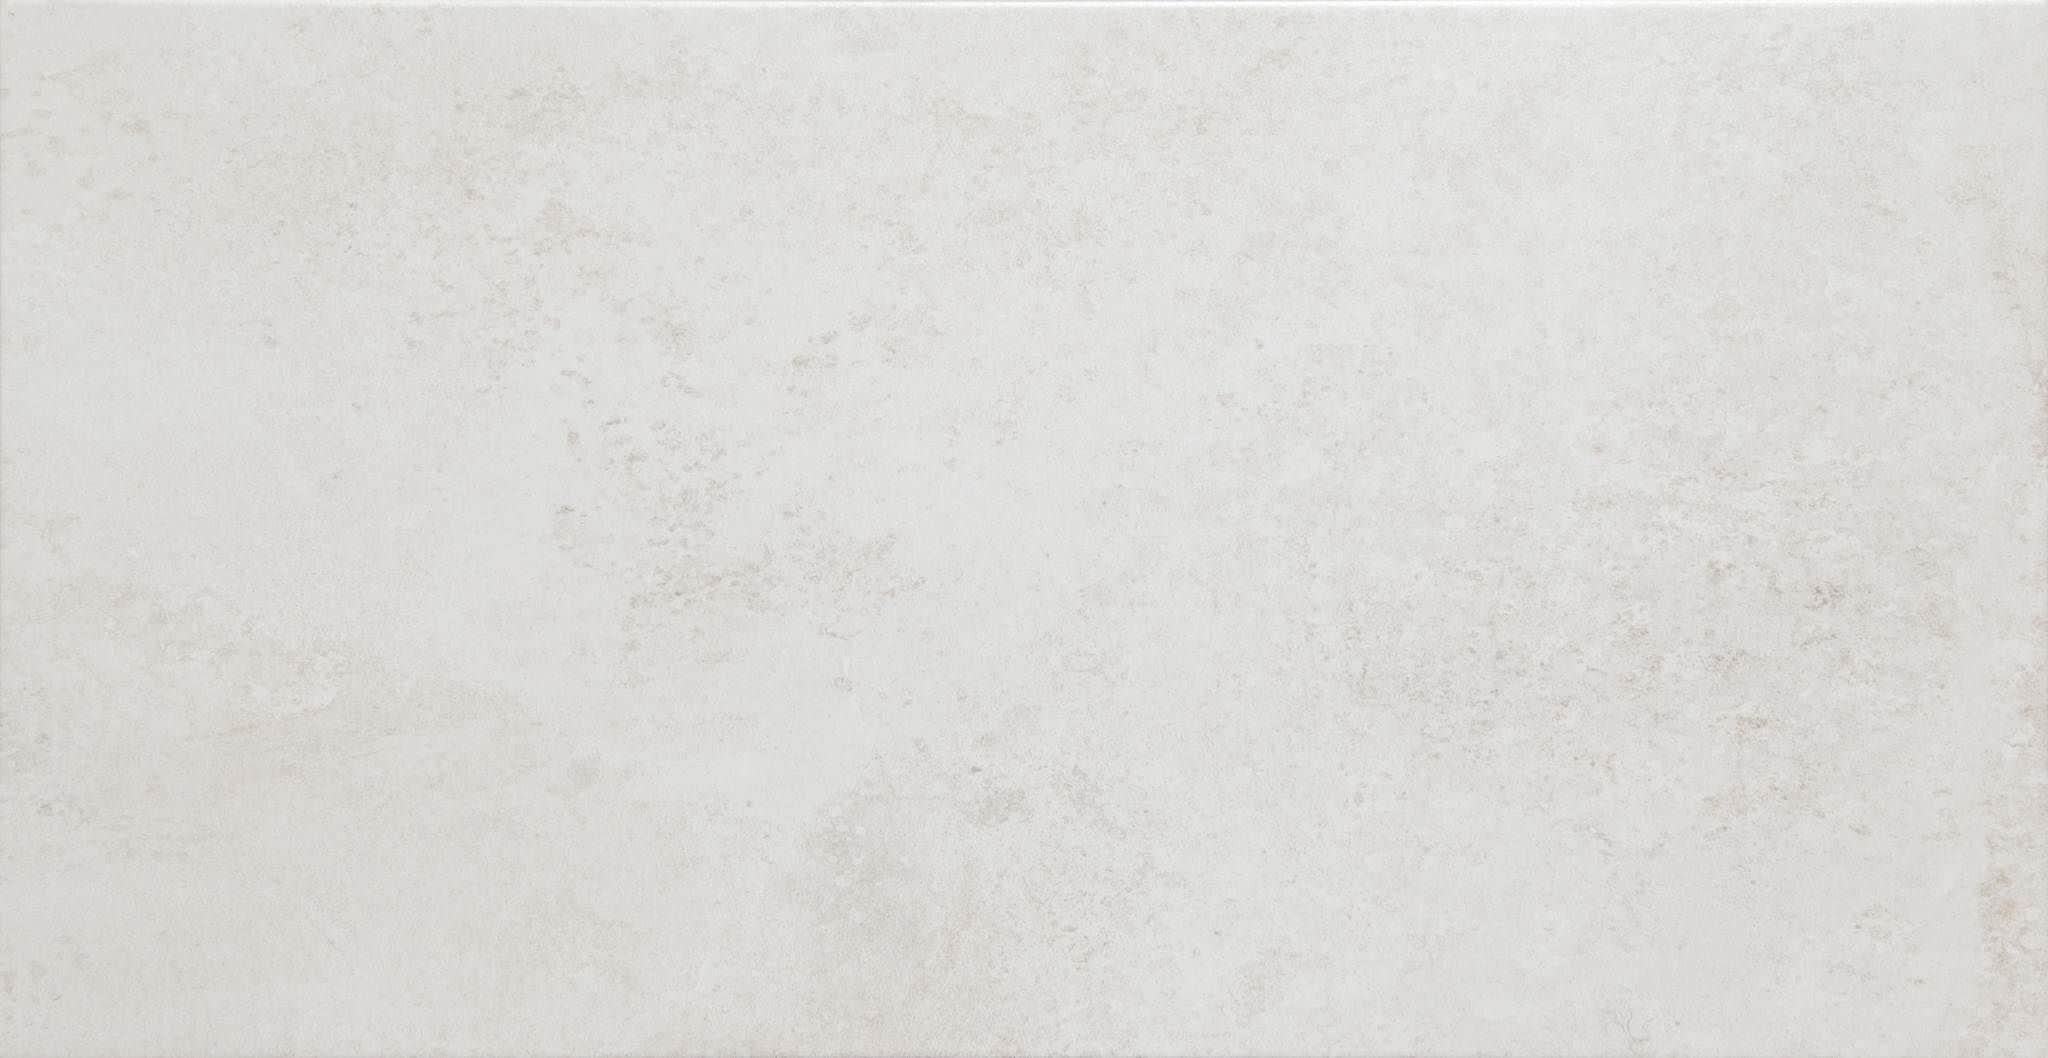 Faianță pentru baie Saloni Sound Aluminio 310x600 mată gri / 5